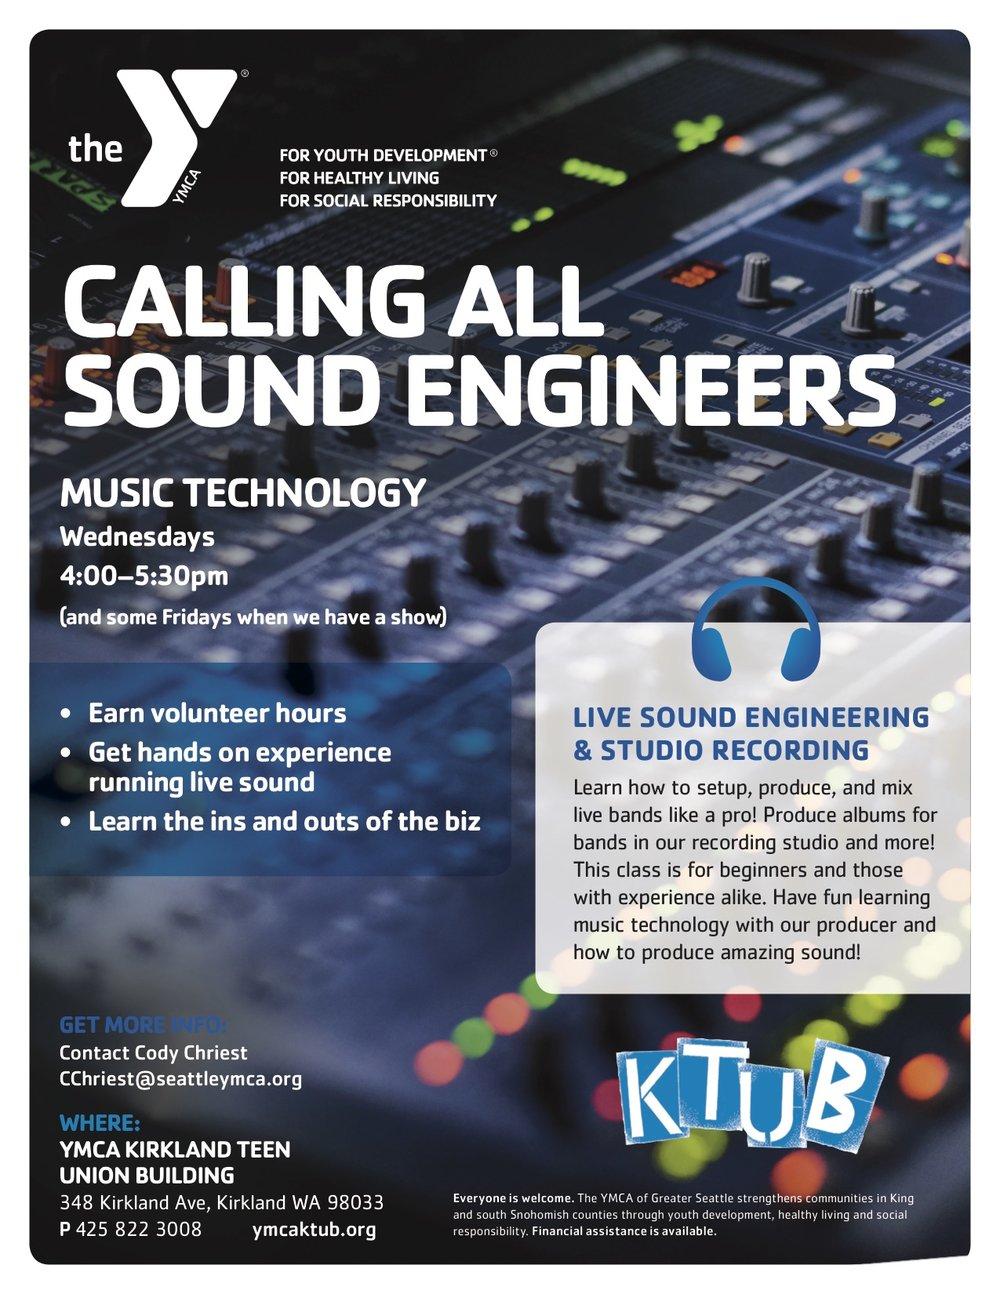 KTUB Music Technology.jpg